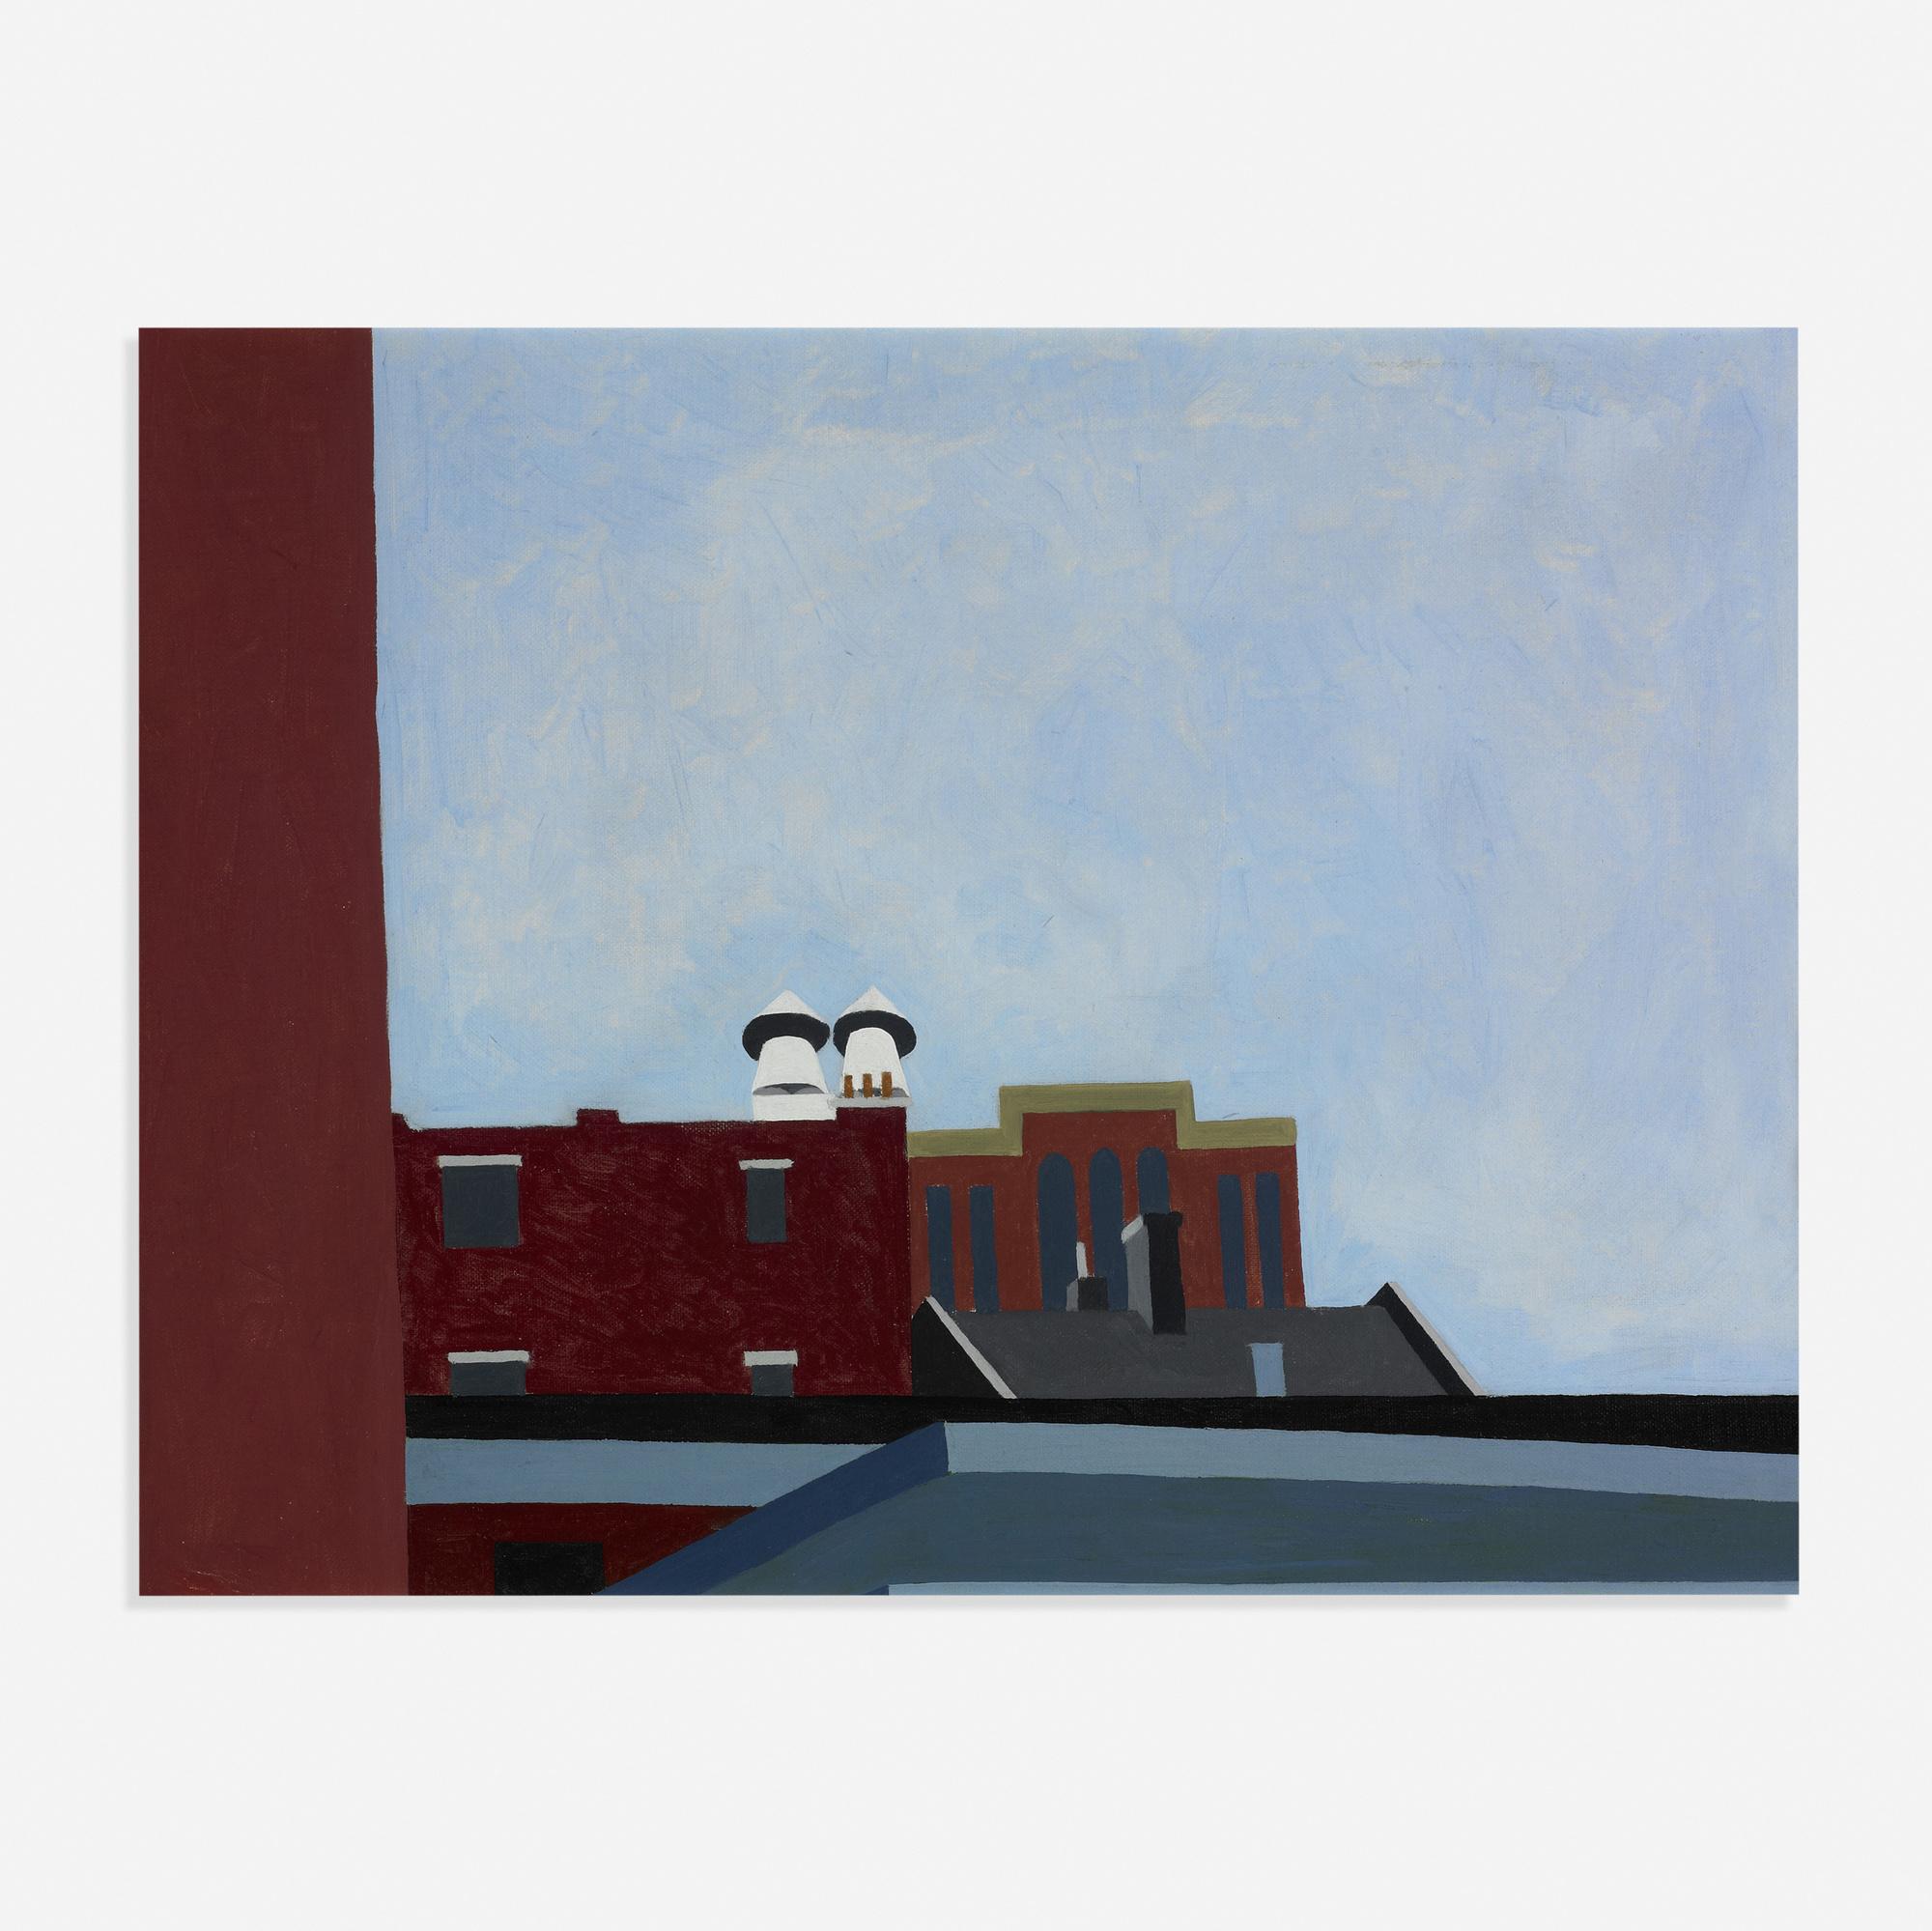 349: Robert Herrmann / View from Library Garden (1 of 1)